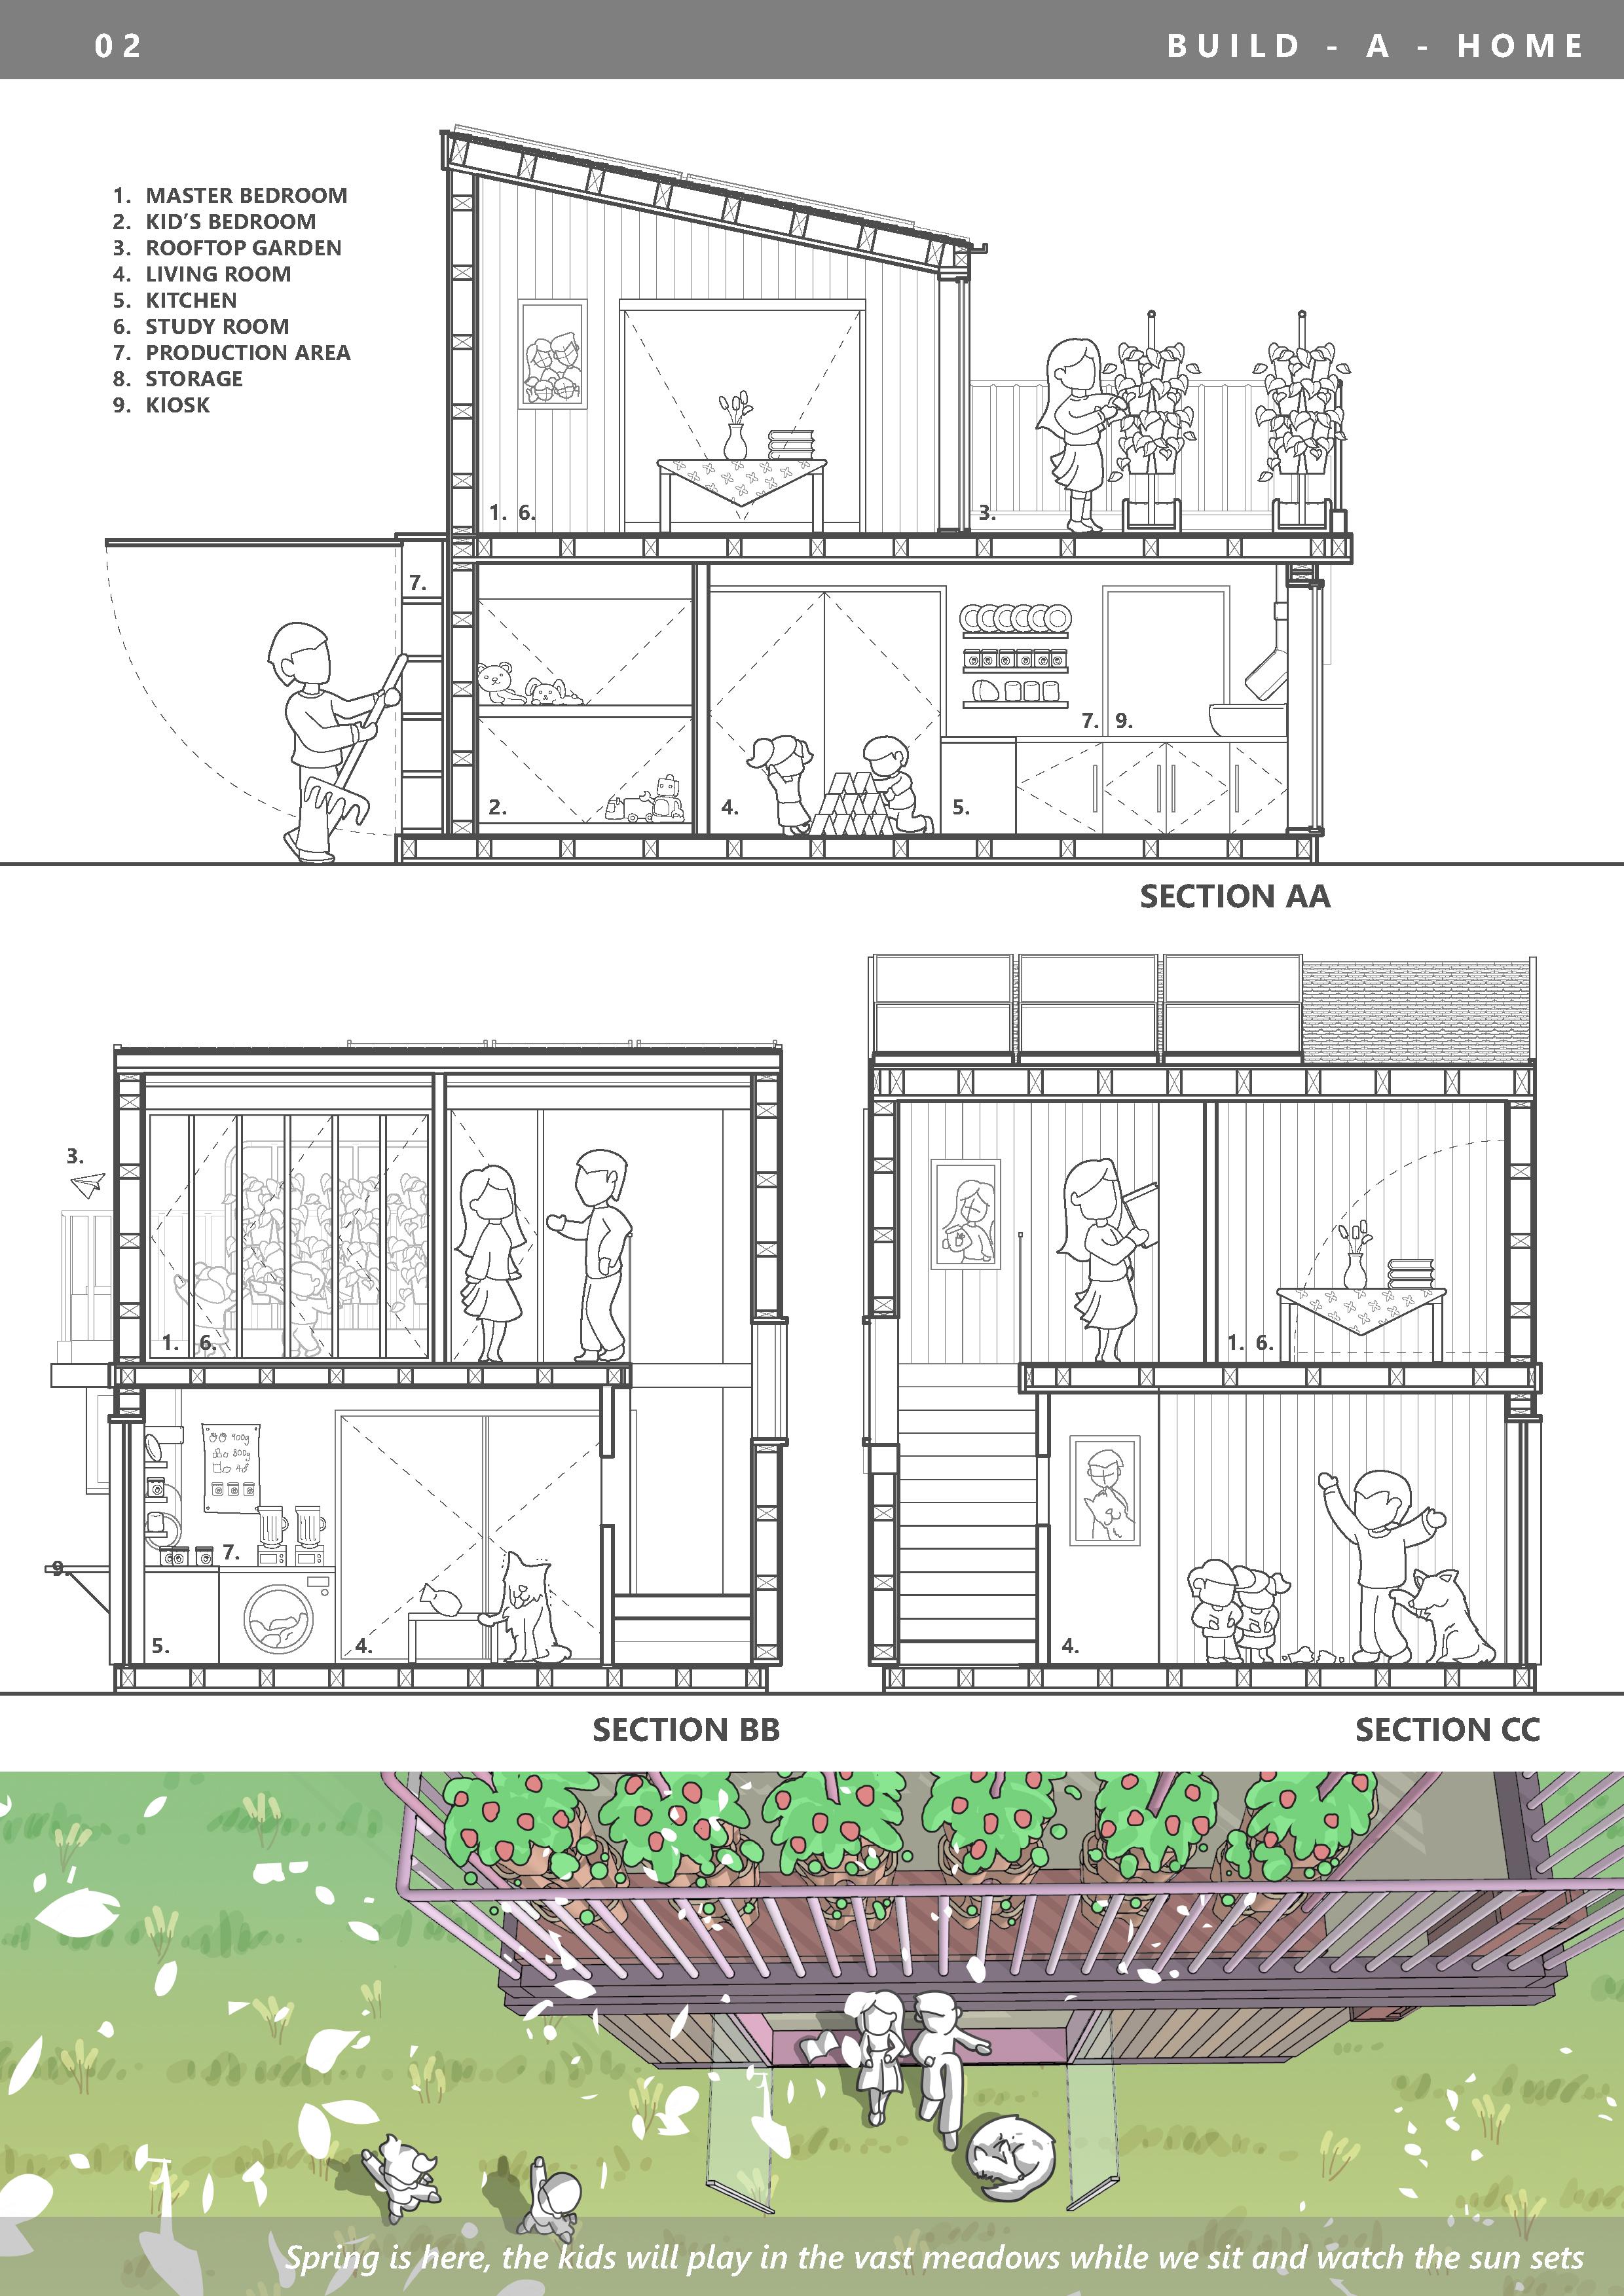 BUILD A HOME_2